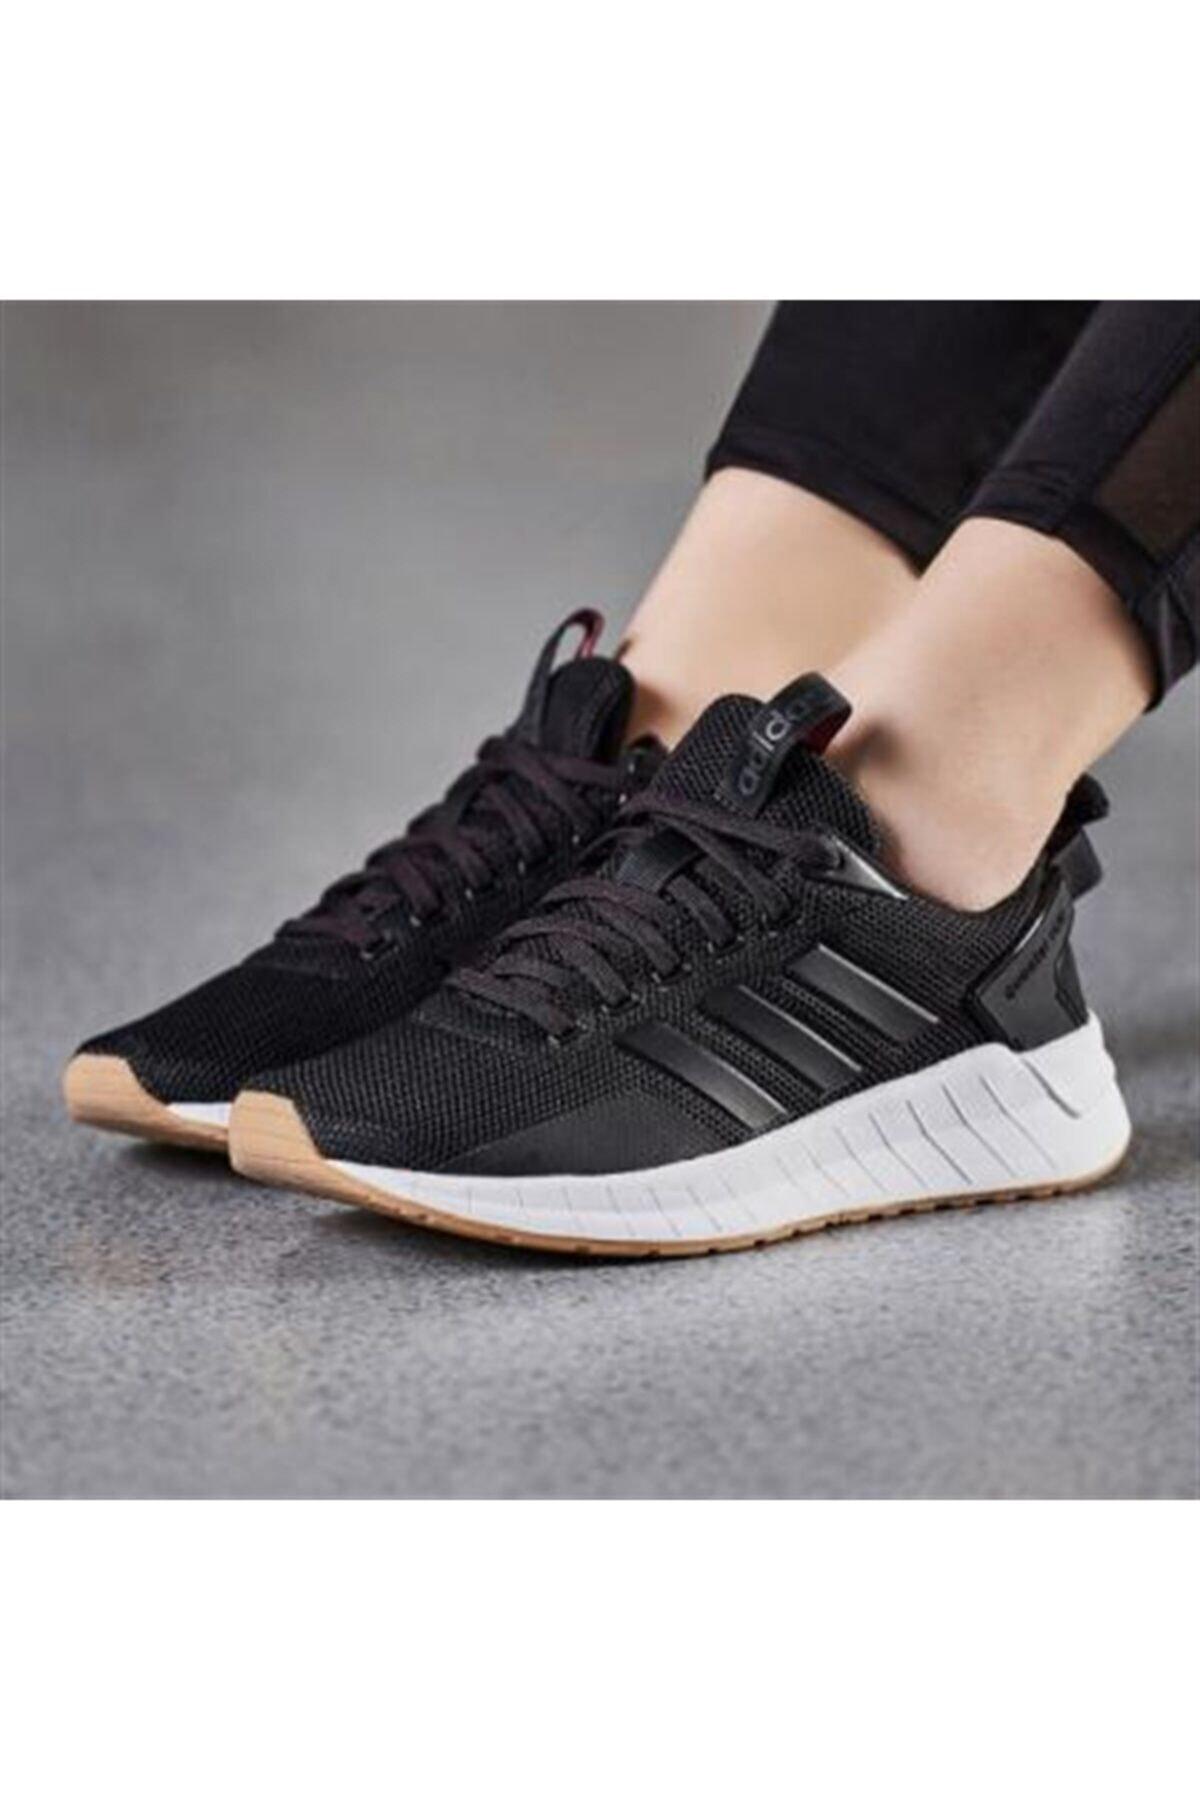 adidas Questar Ride Siyah Kadın Spor Ayakkabı B44832 1